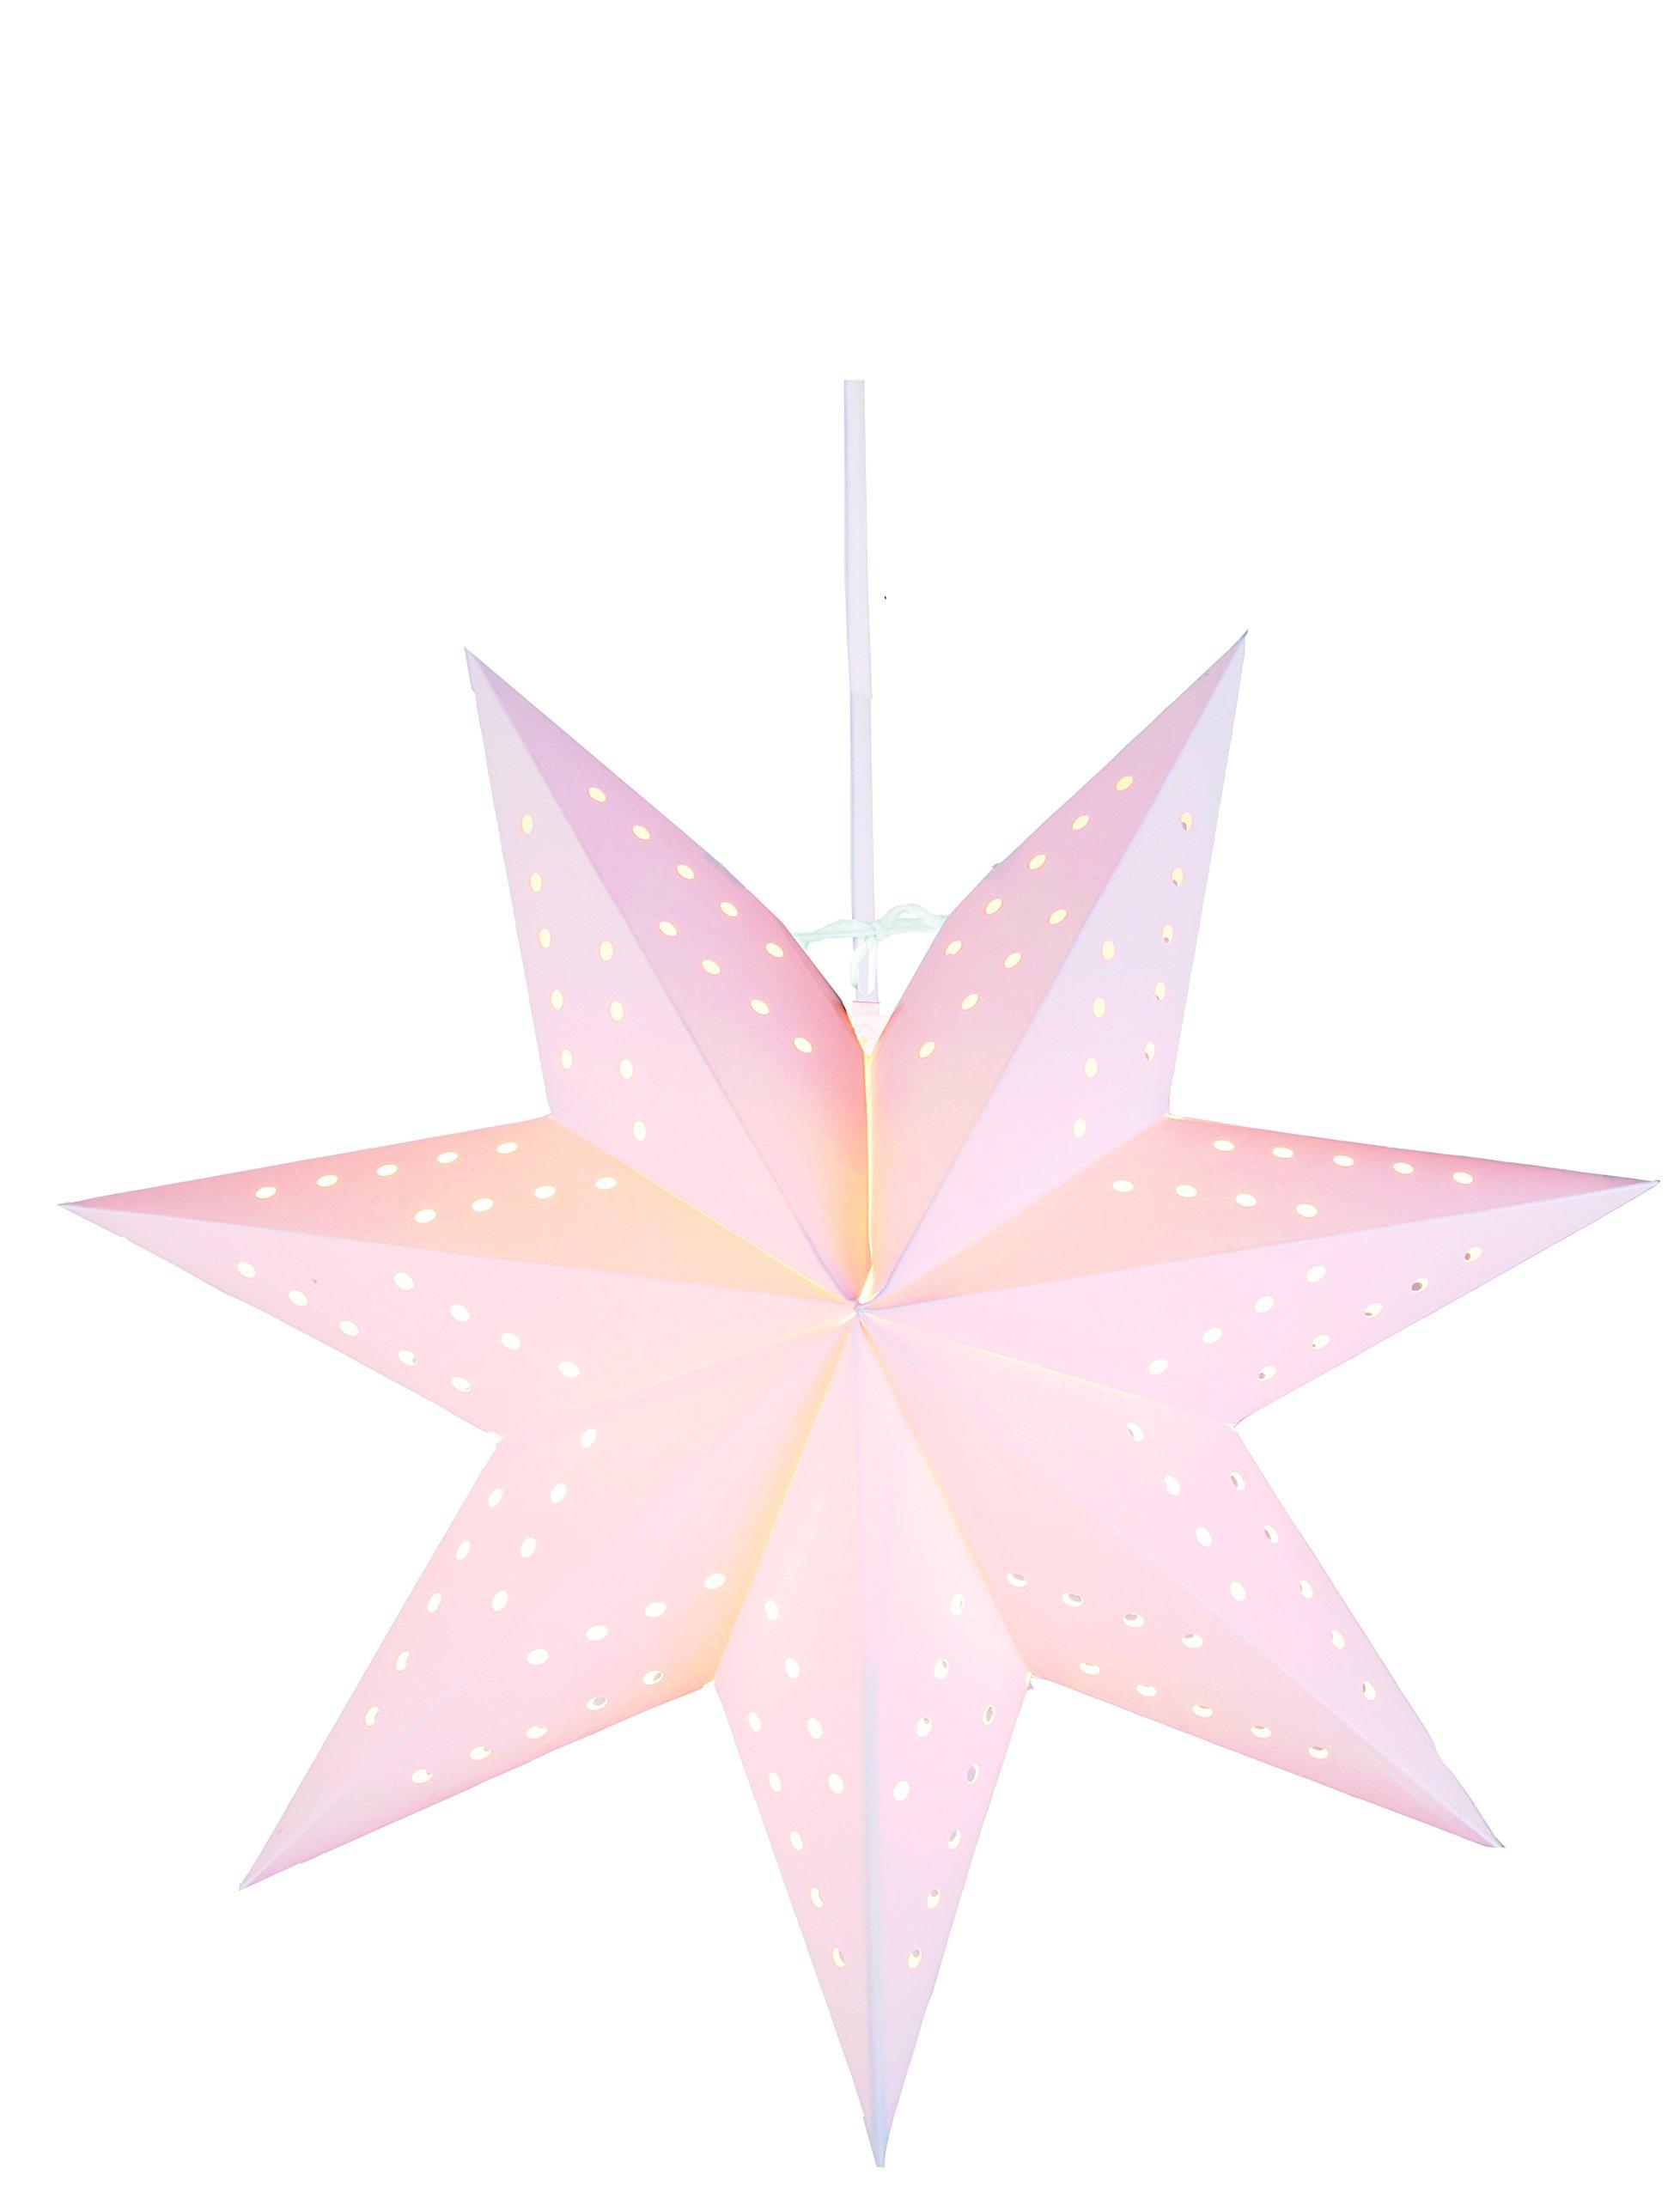 Kamaca-Star-Light-schner-leuchtender-Stern-perfekt-fr-Das-Fenster-und-die-Dekoration-Stern-Inklusive-350-Meter-Elektrokabel-mit-Standard-E-14-Fassung-mit-EIN-Aus-Schalter